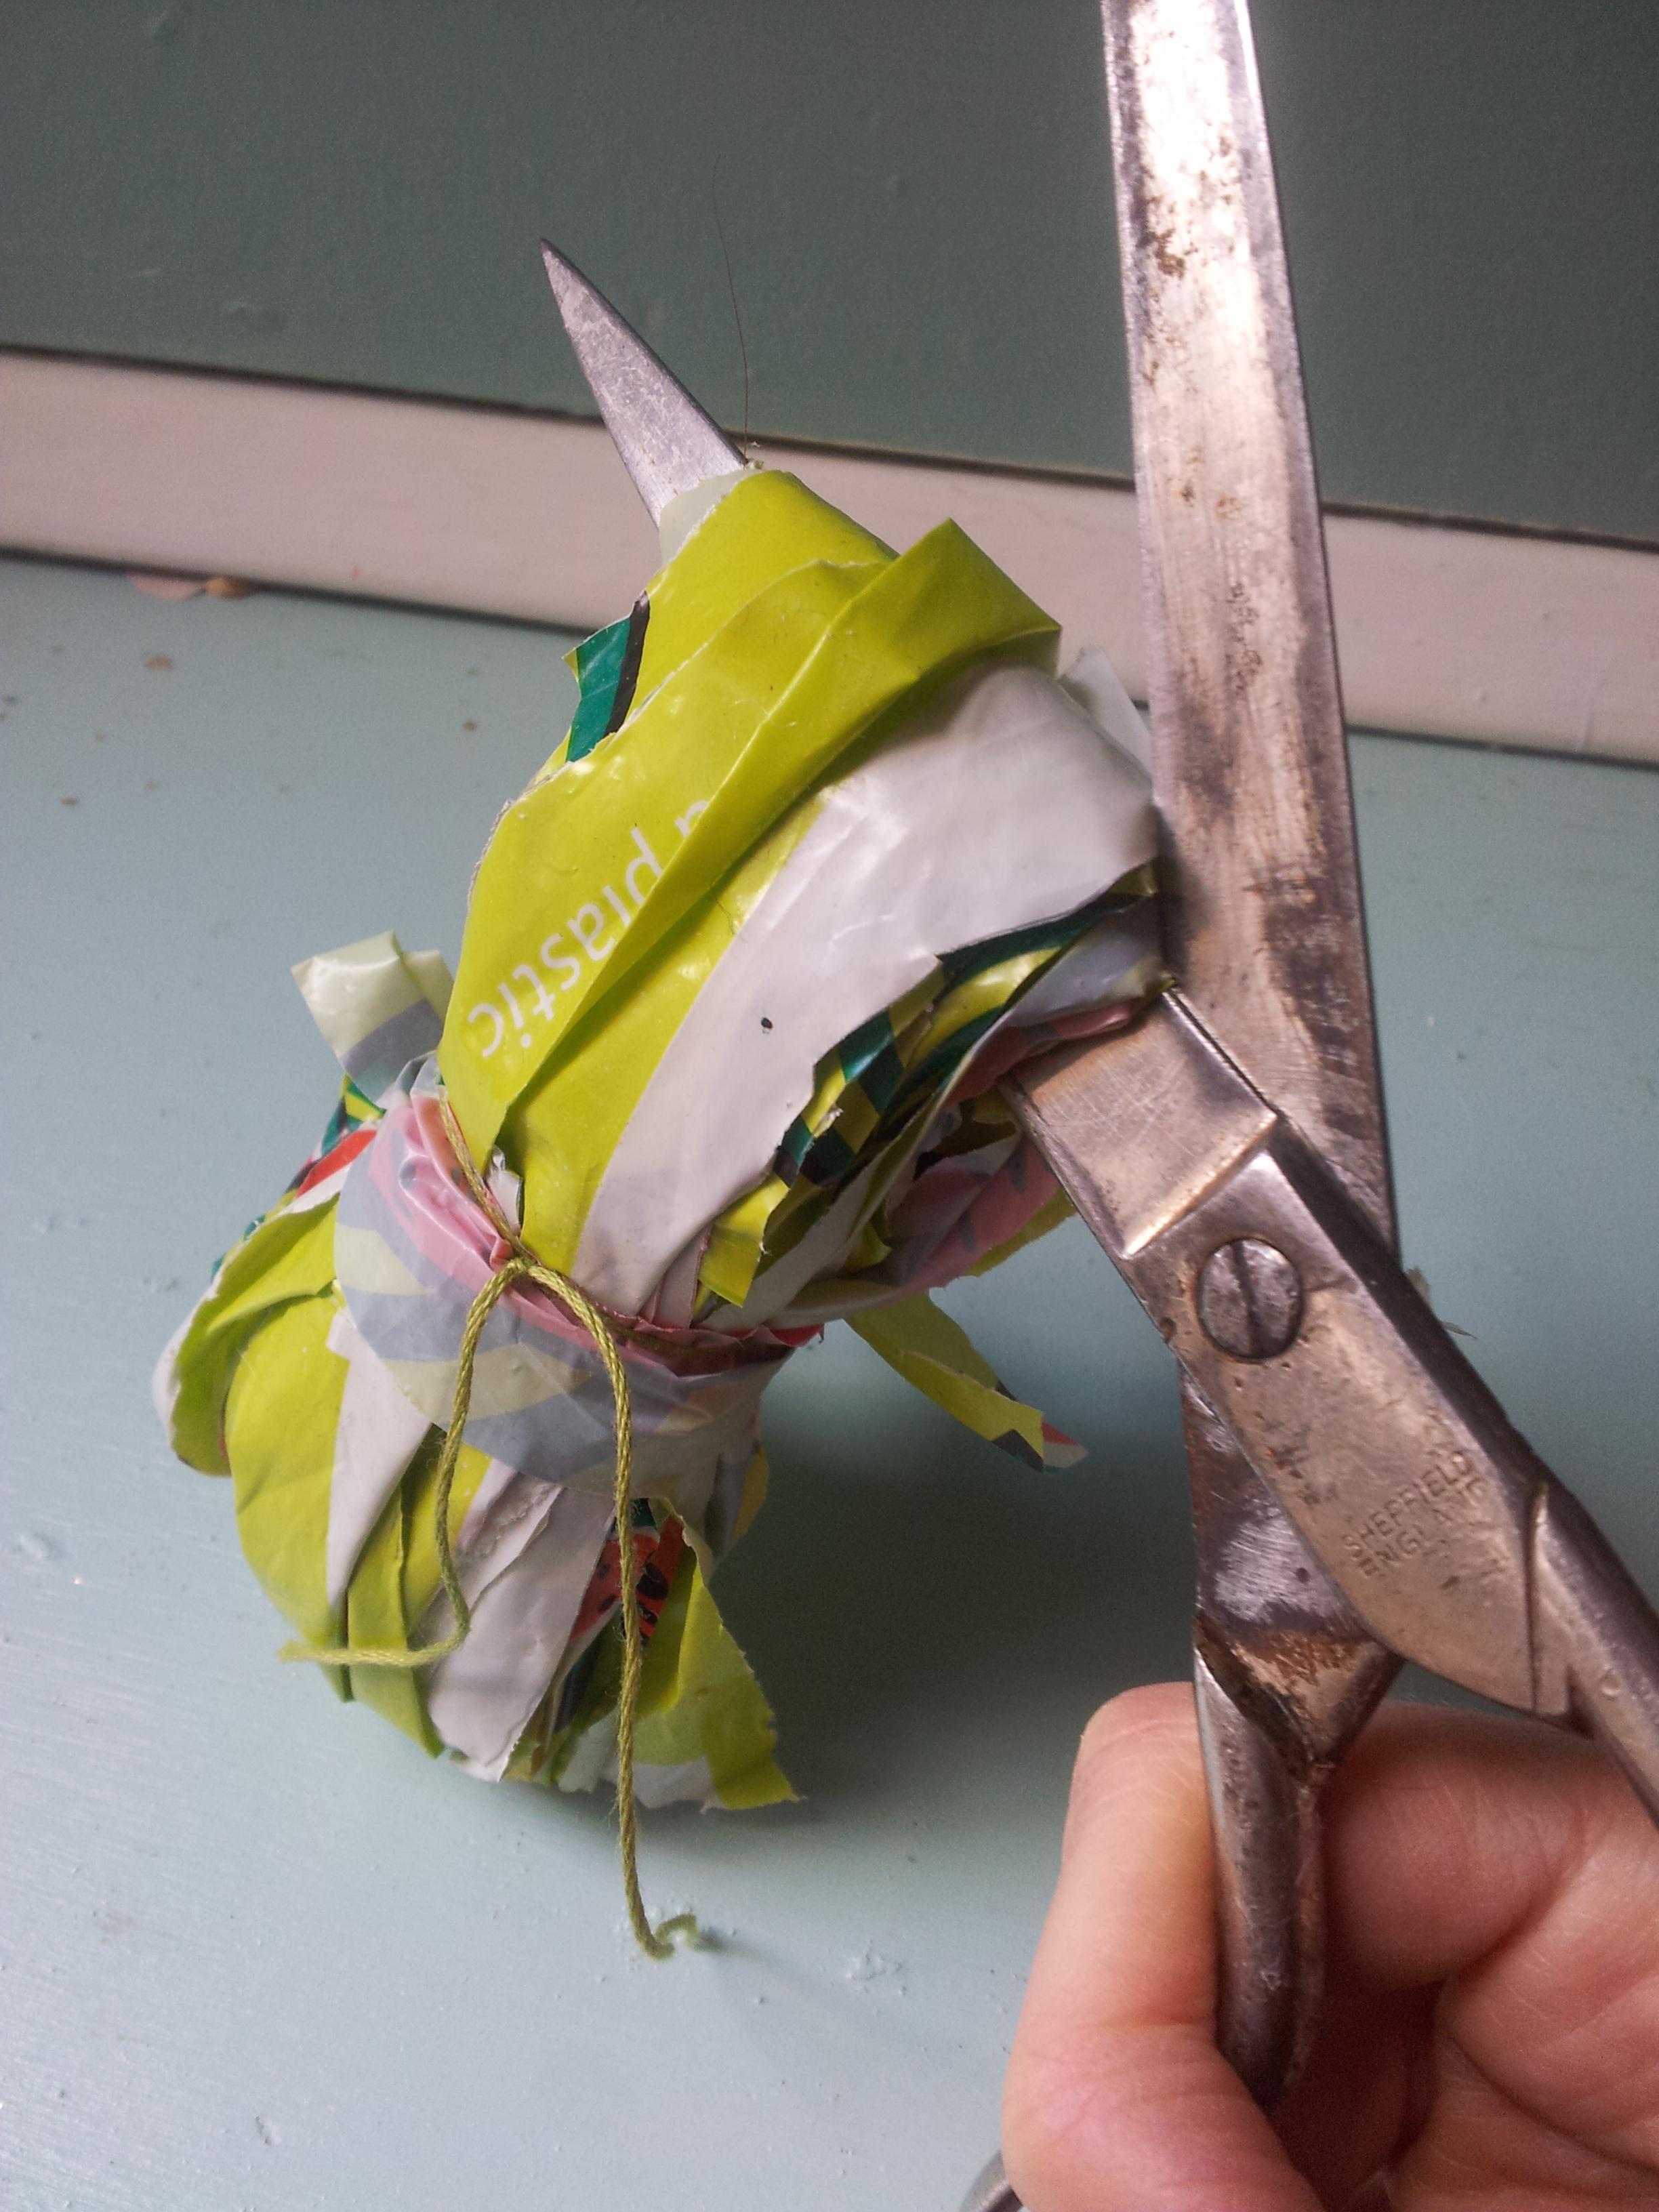 pompom scissors